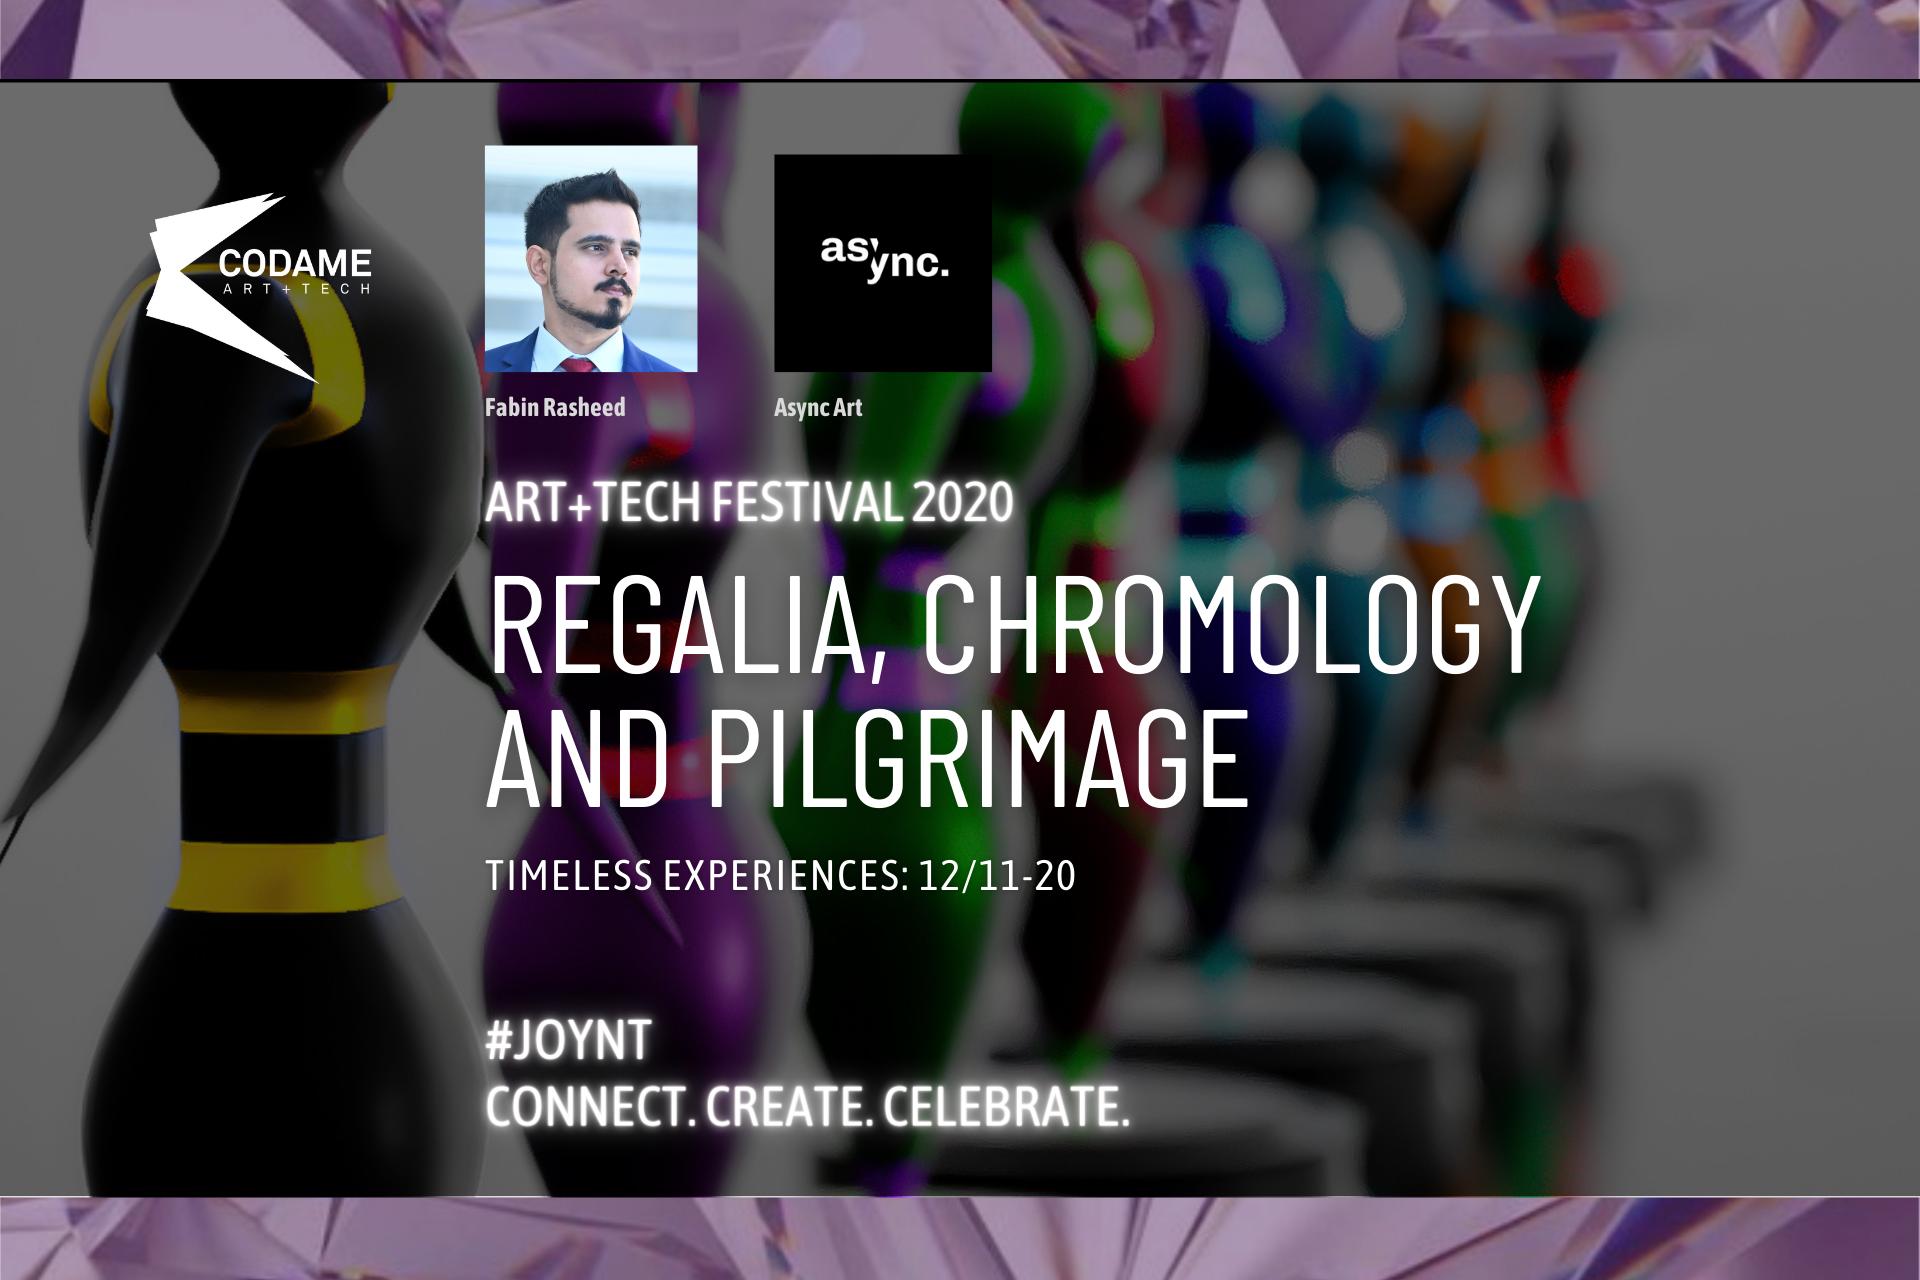 Regalia, Chromology and Pilgrimage